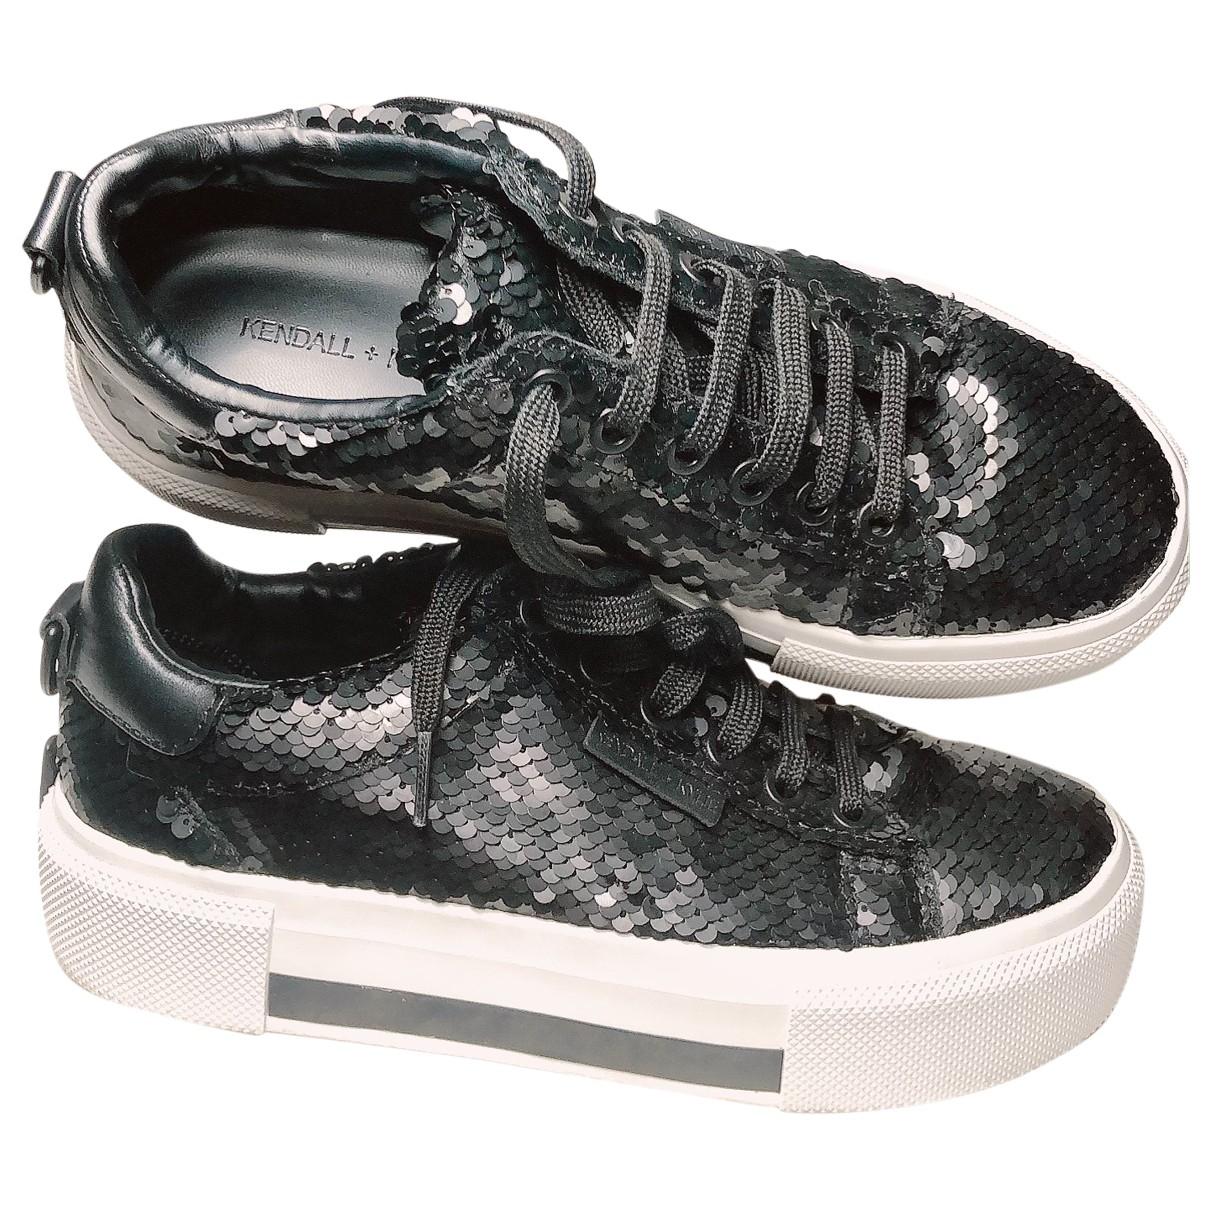 Kendall + Kylie \N Sneakers in  Schwarz Leder